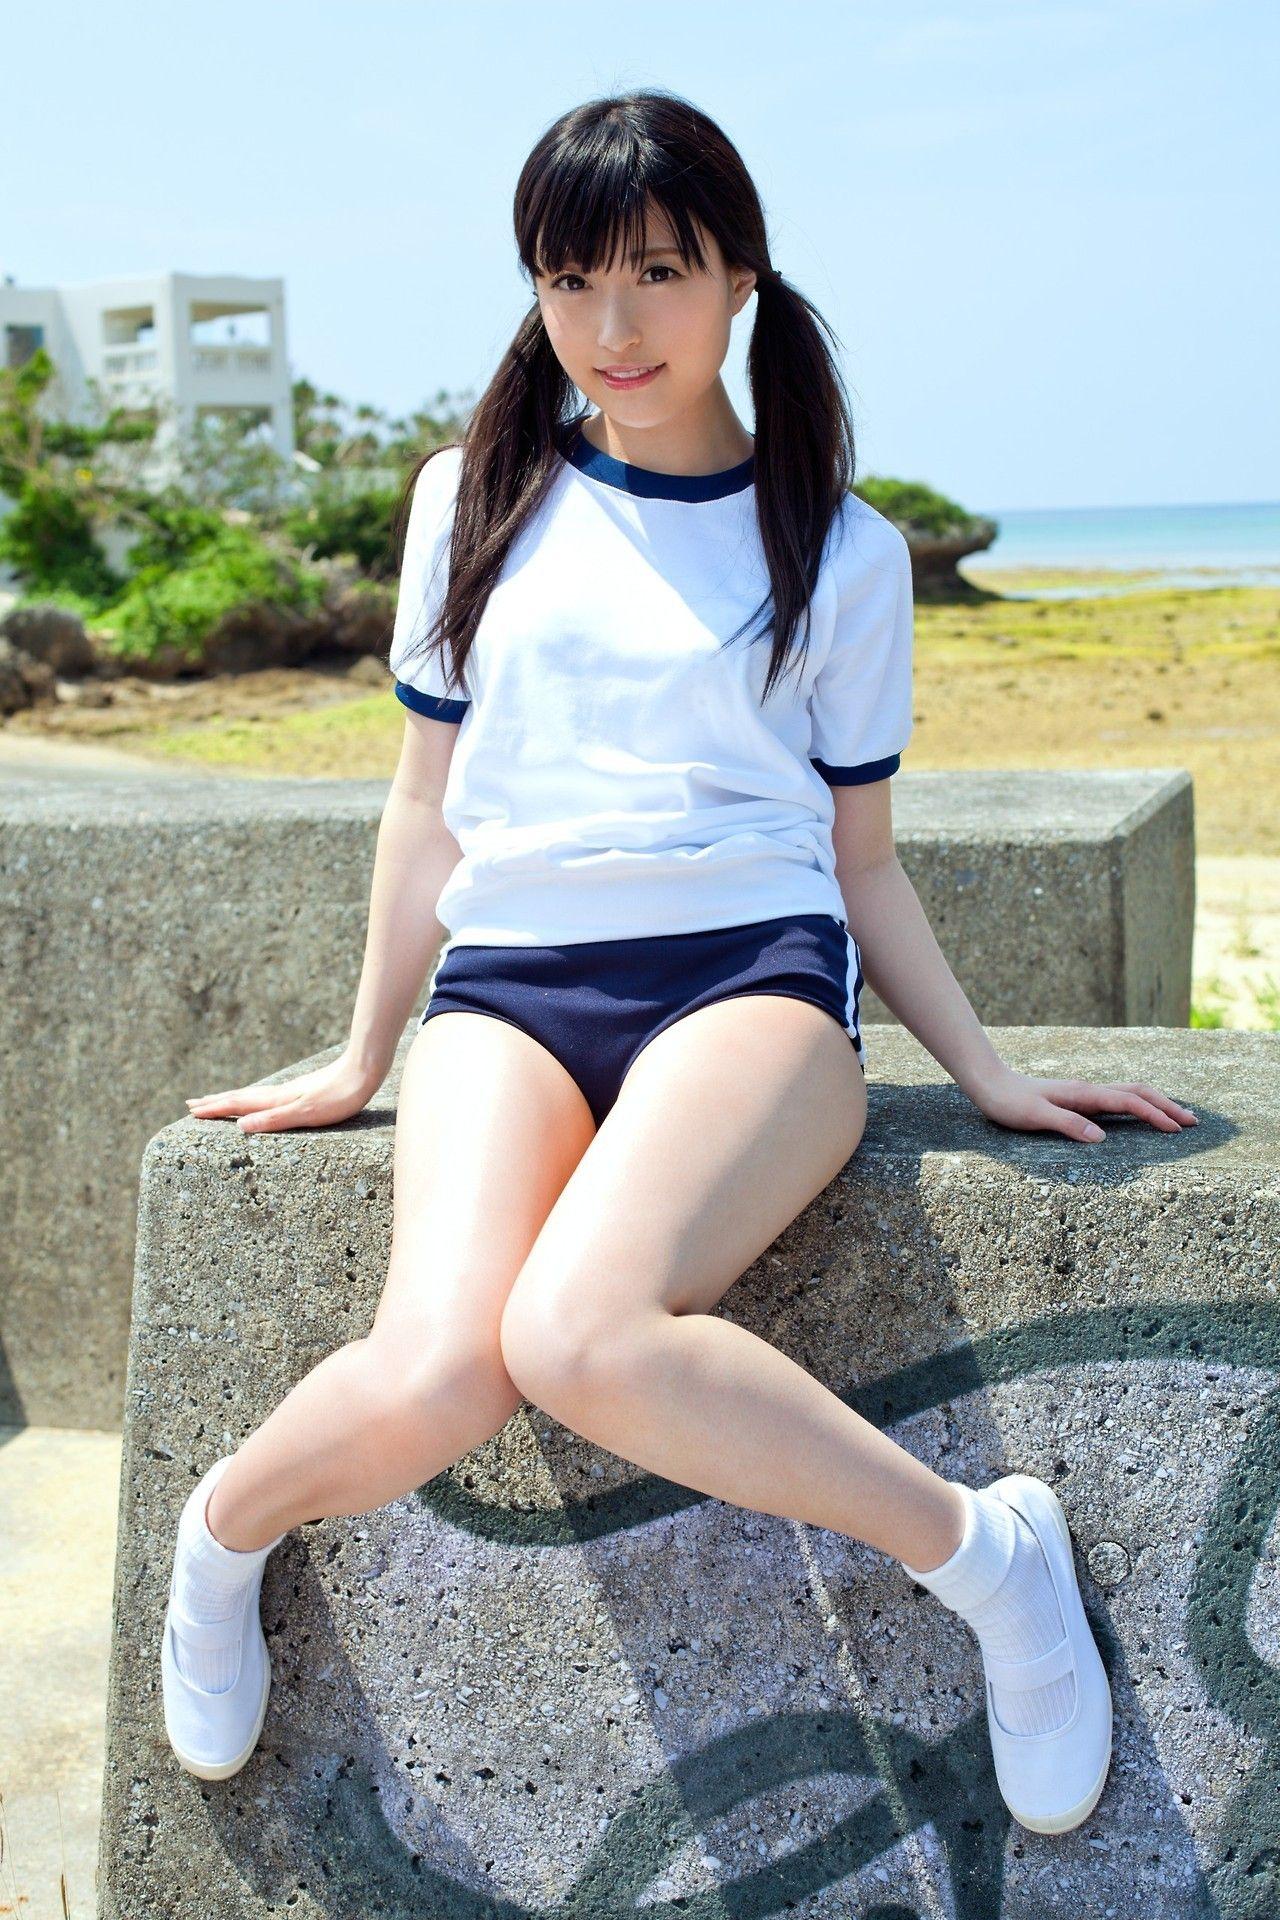 Lesbisch Japanisch Mädchen Schule Prostitution in